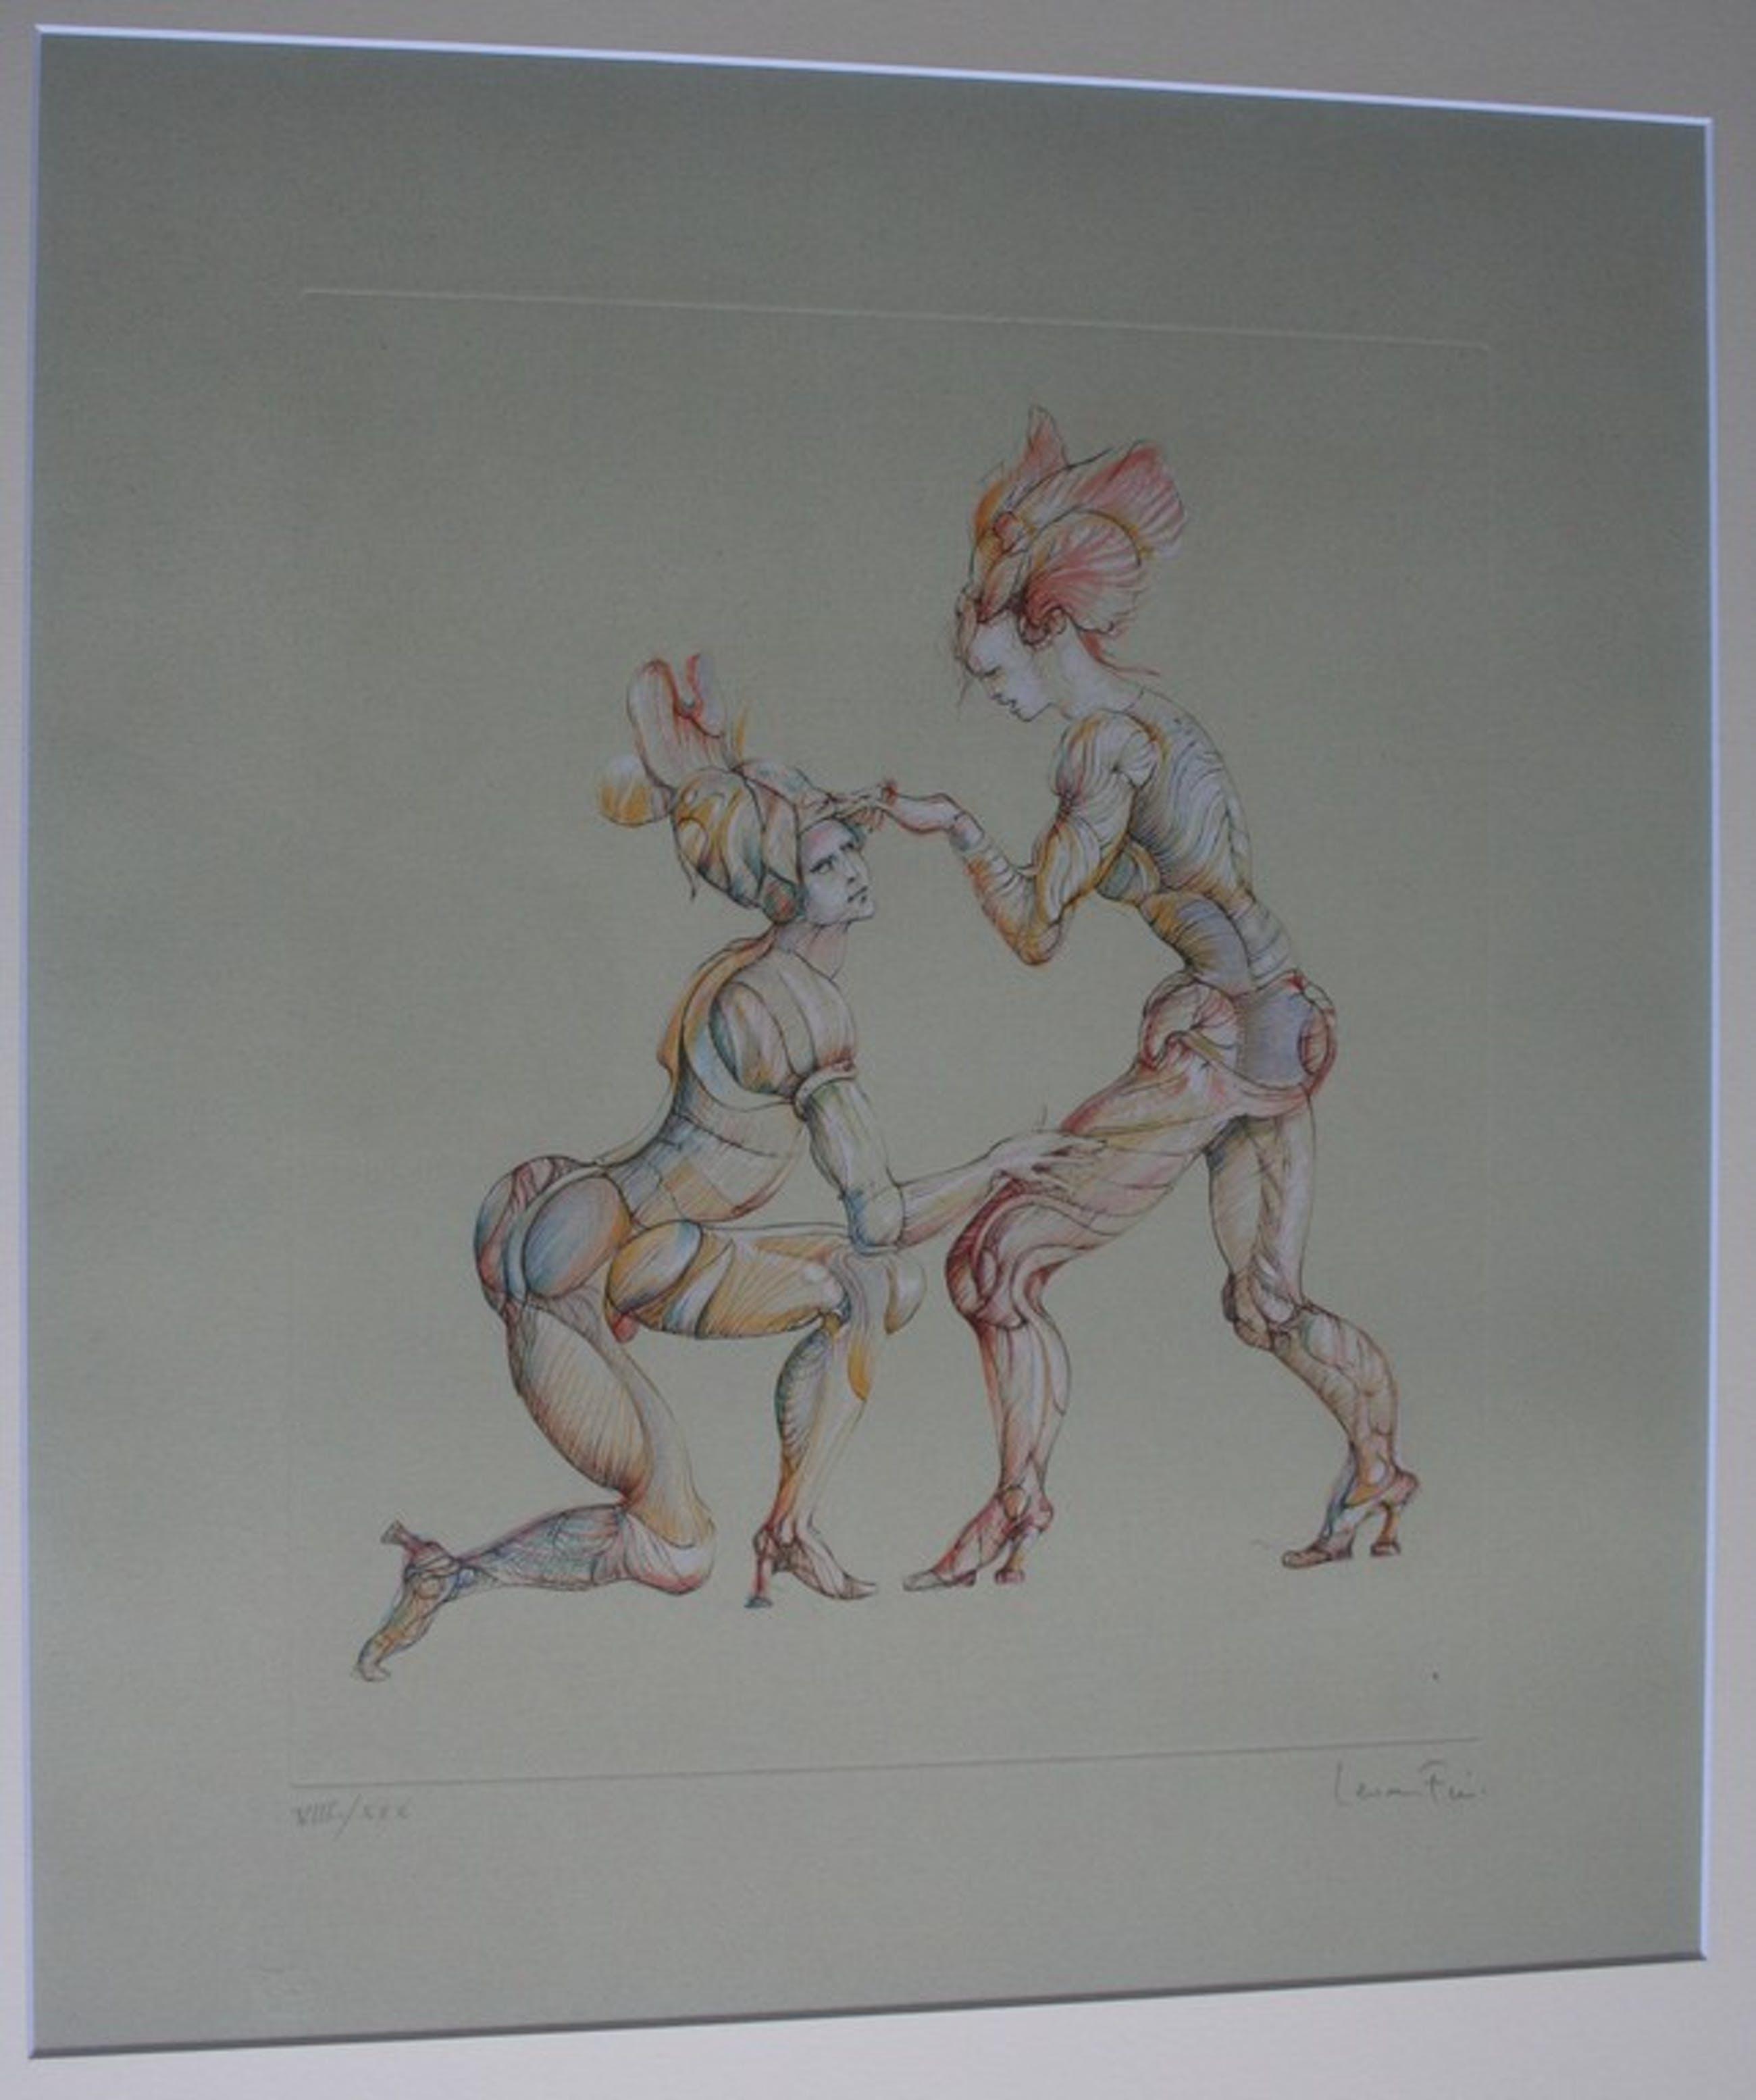 Leonor Fini, Kleurenets, dansers - gesigneerd - oplage 30 ex. kopen? Bied vanaf 80!